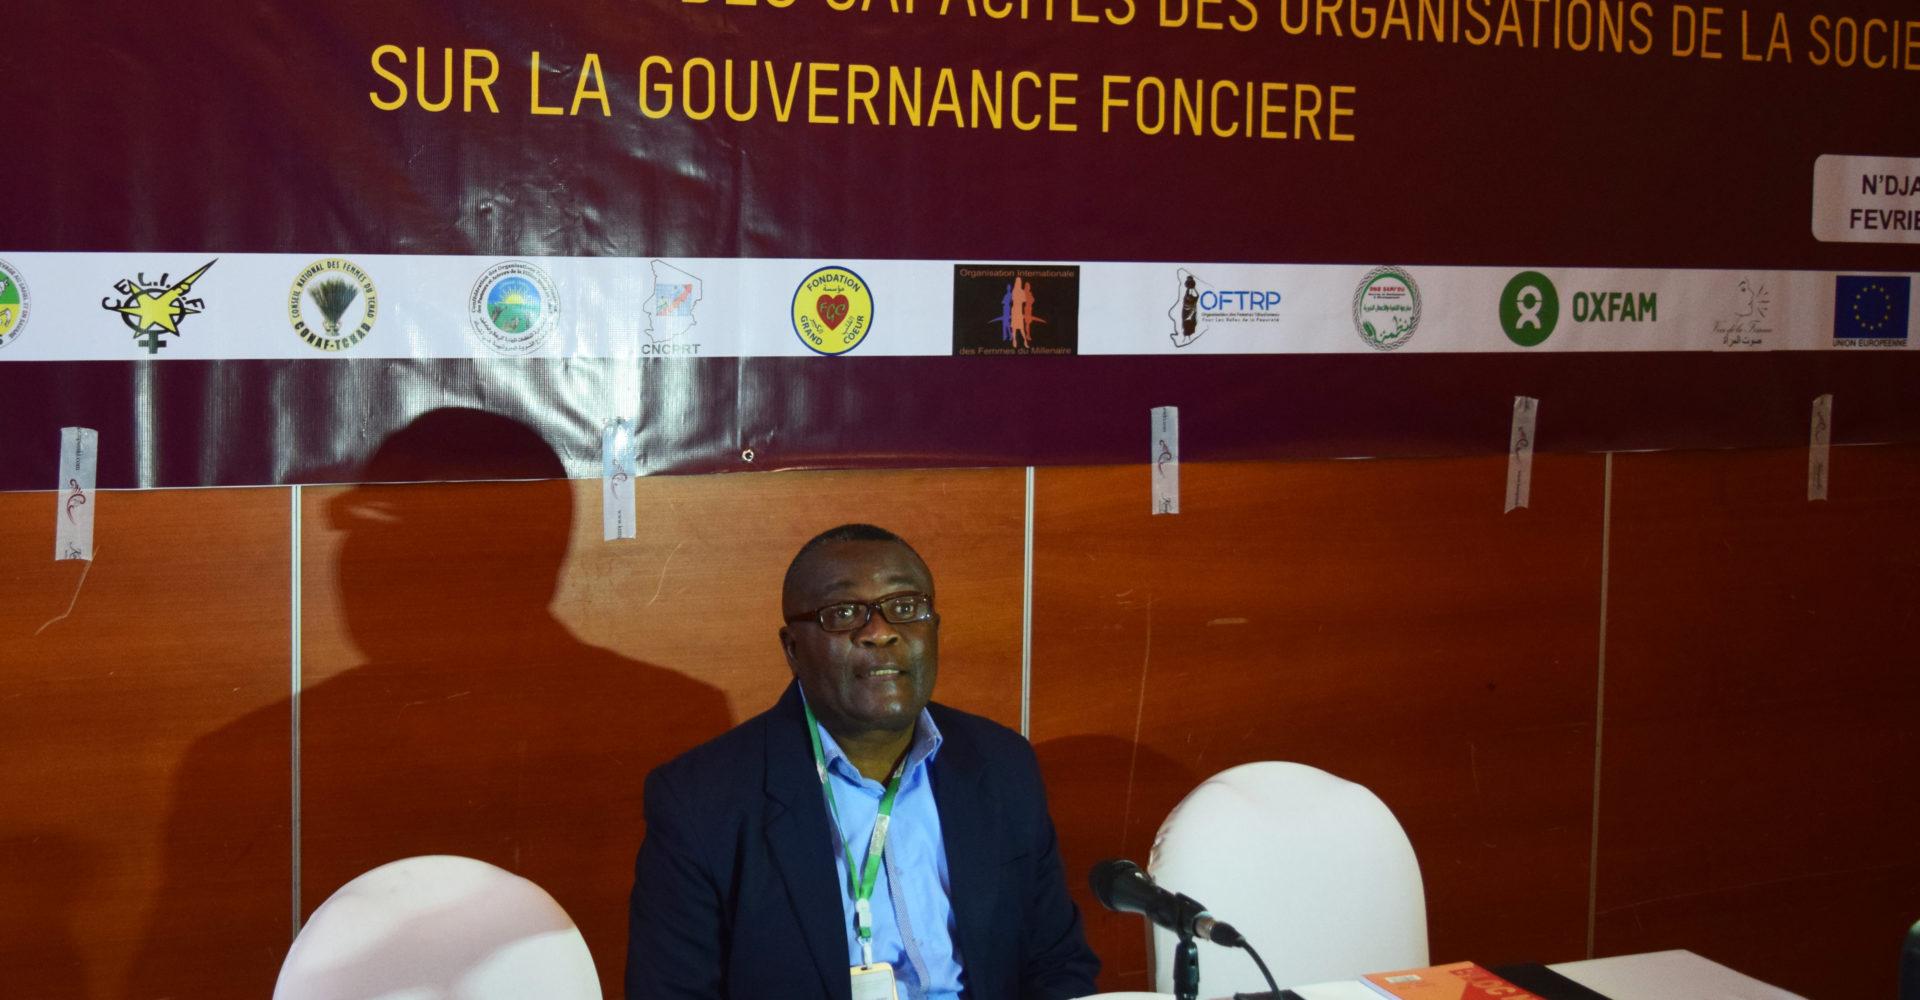 Oxfam renforce les OSC en gouvernance foncière 1